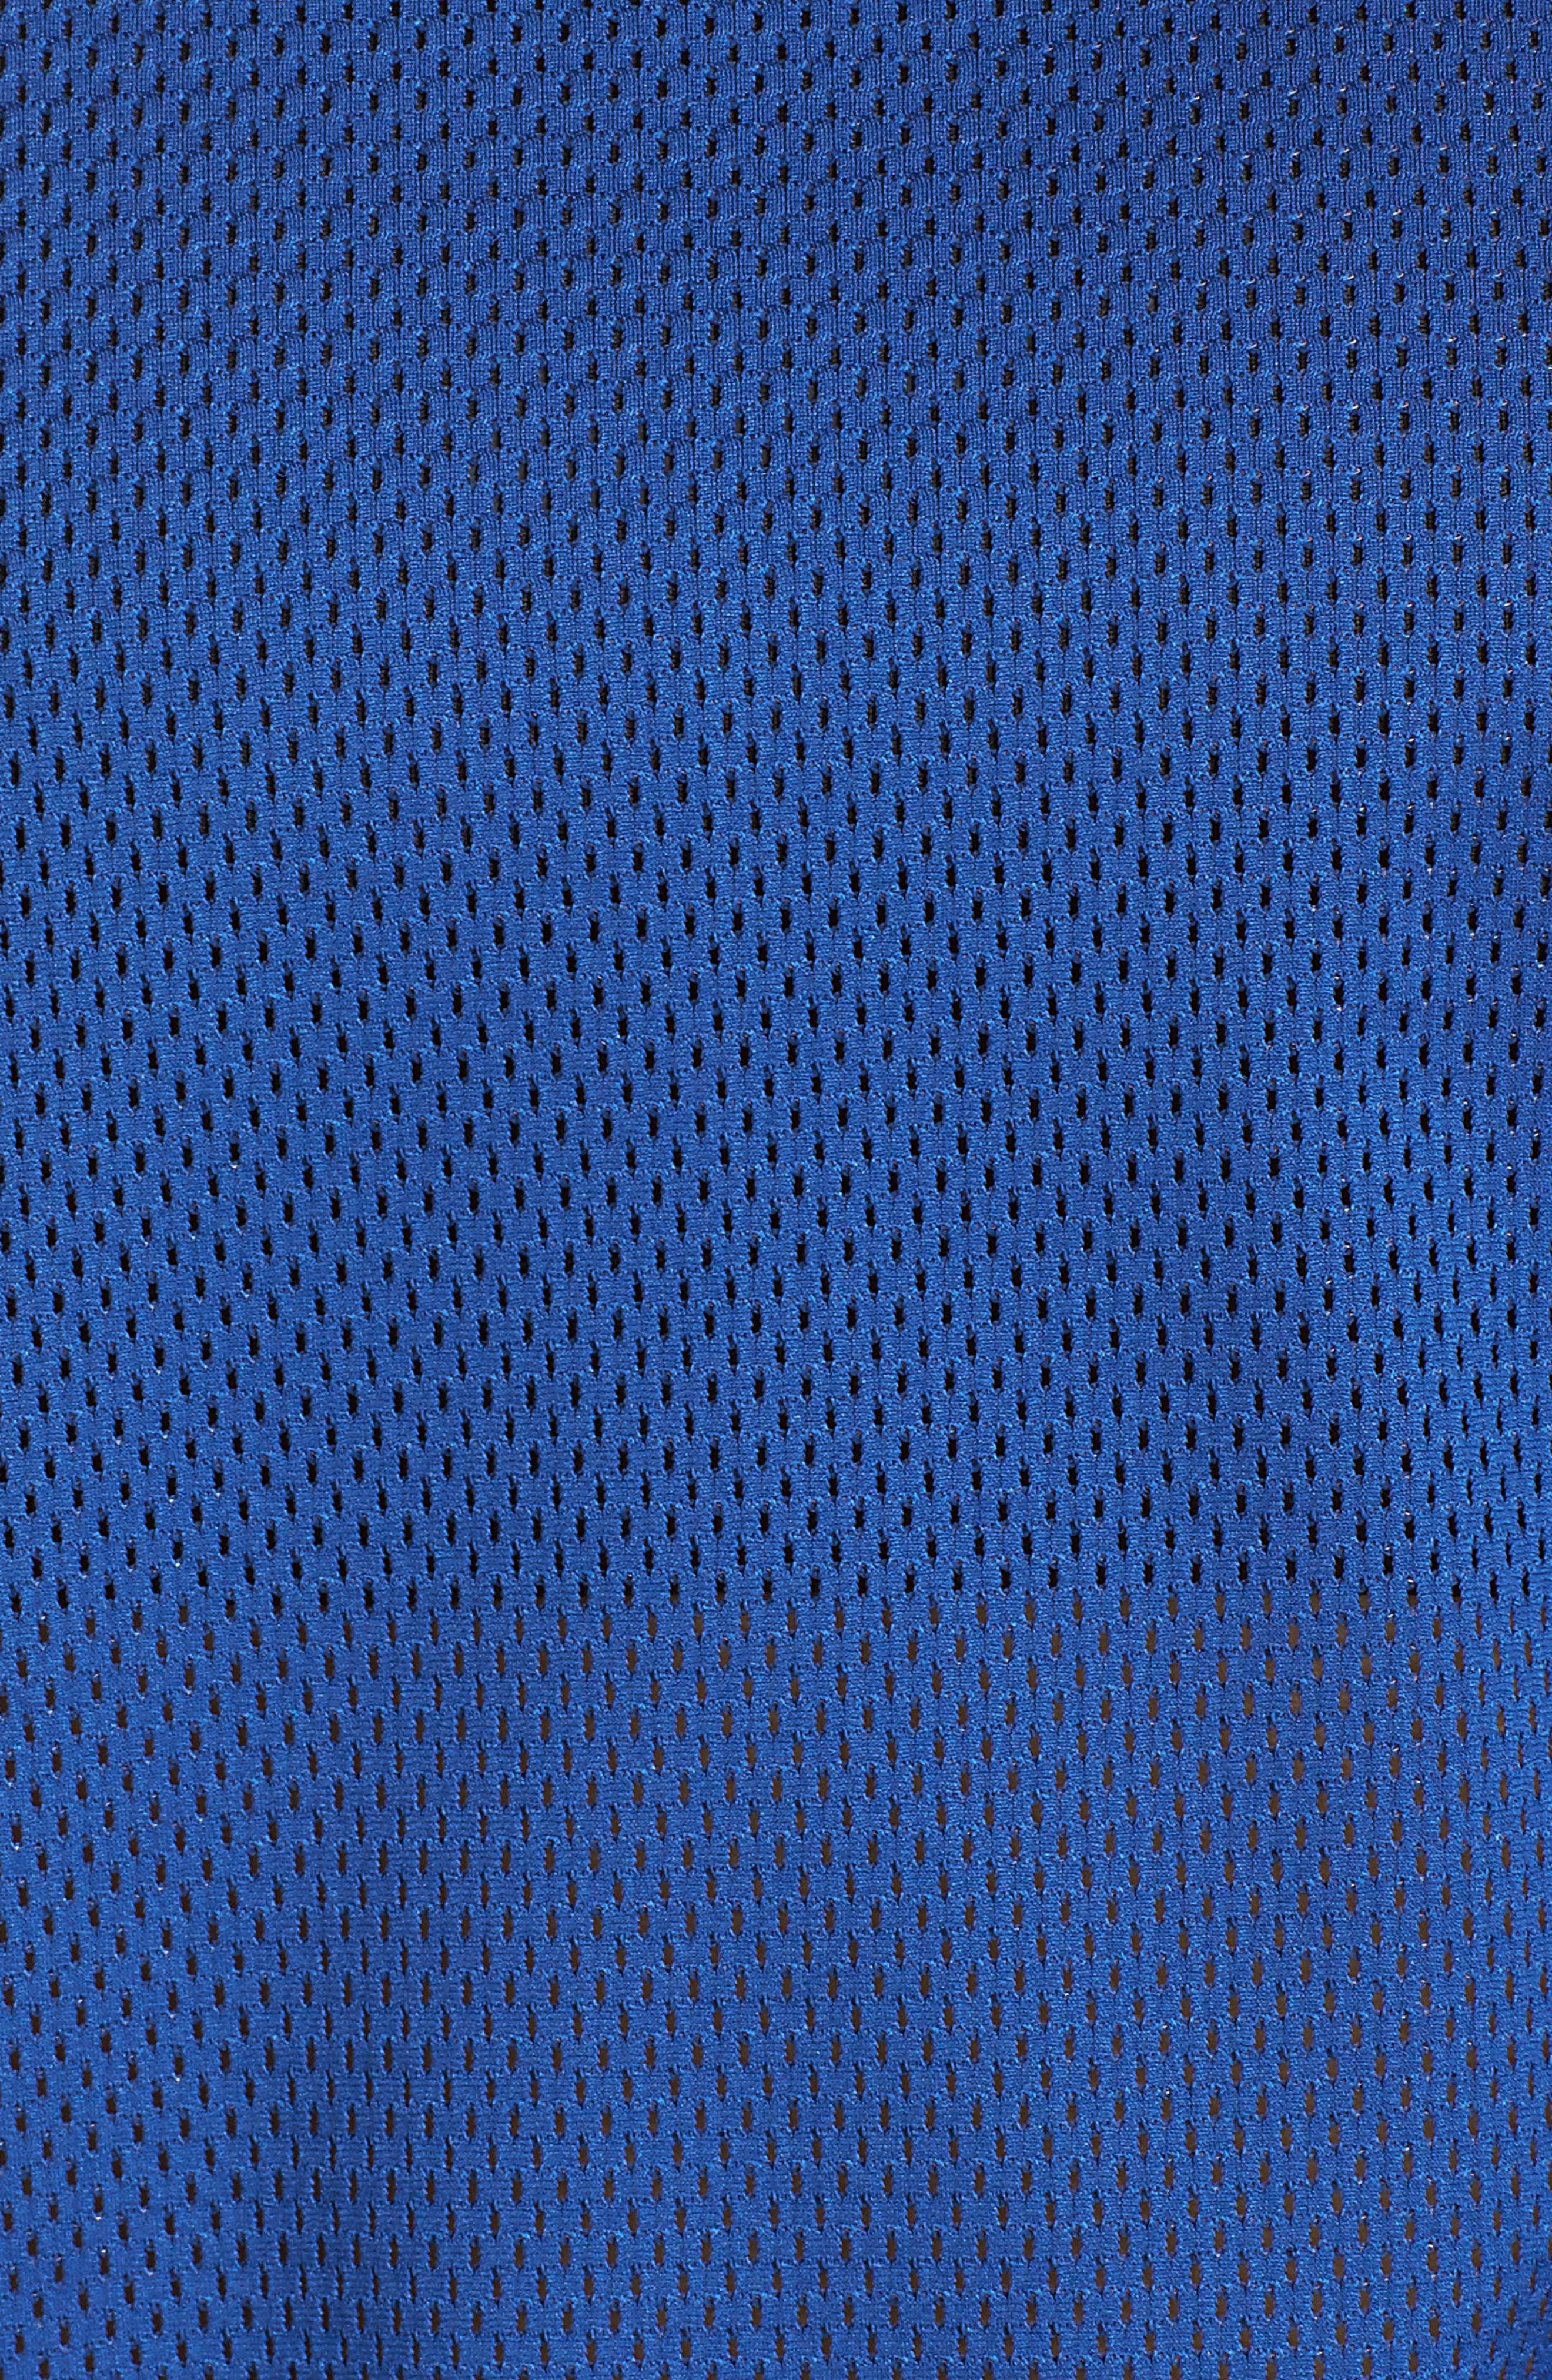 Tie Back Mesh Tank,                             Alternate thumbnail 6, color,                             ROYAL BLUE